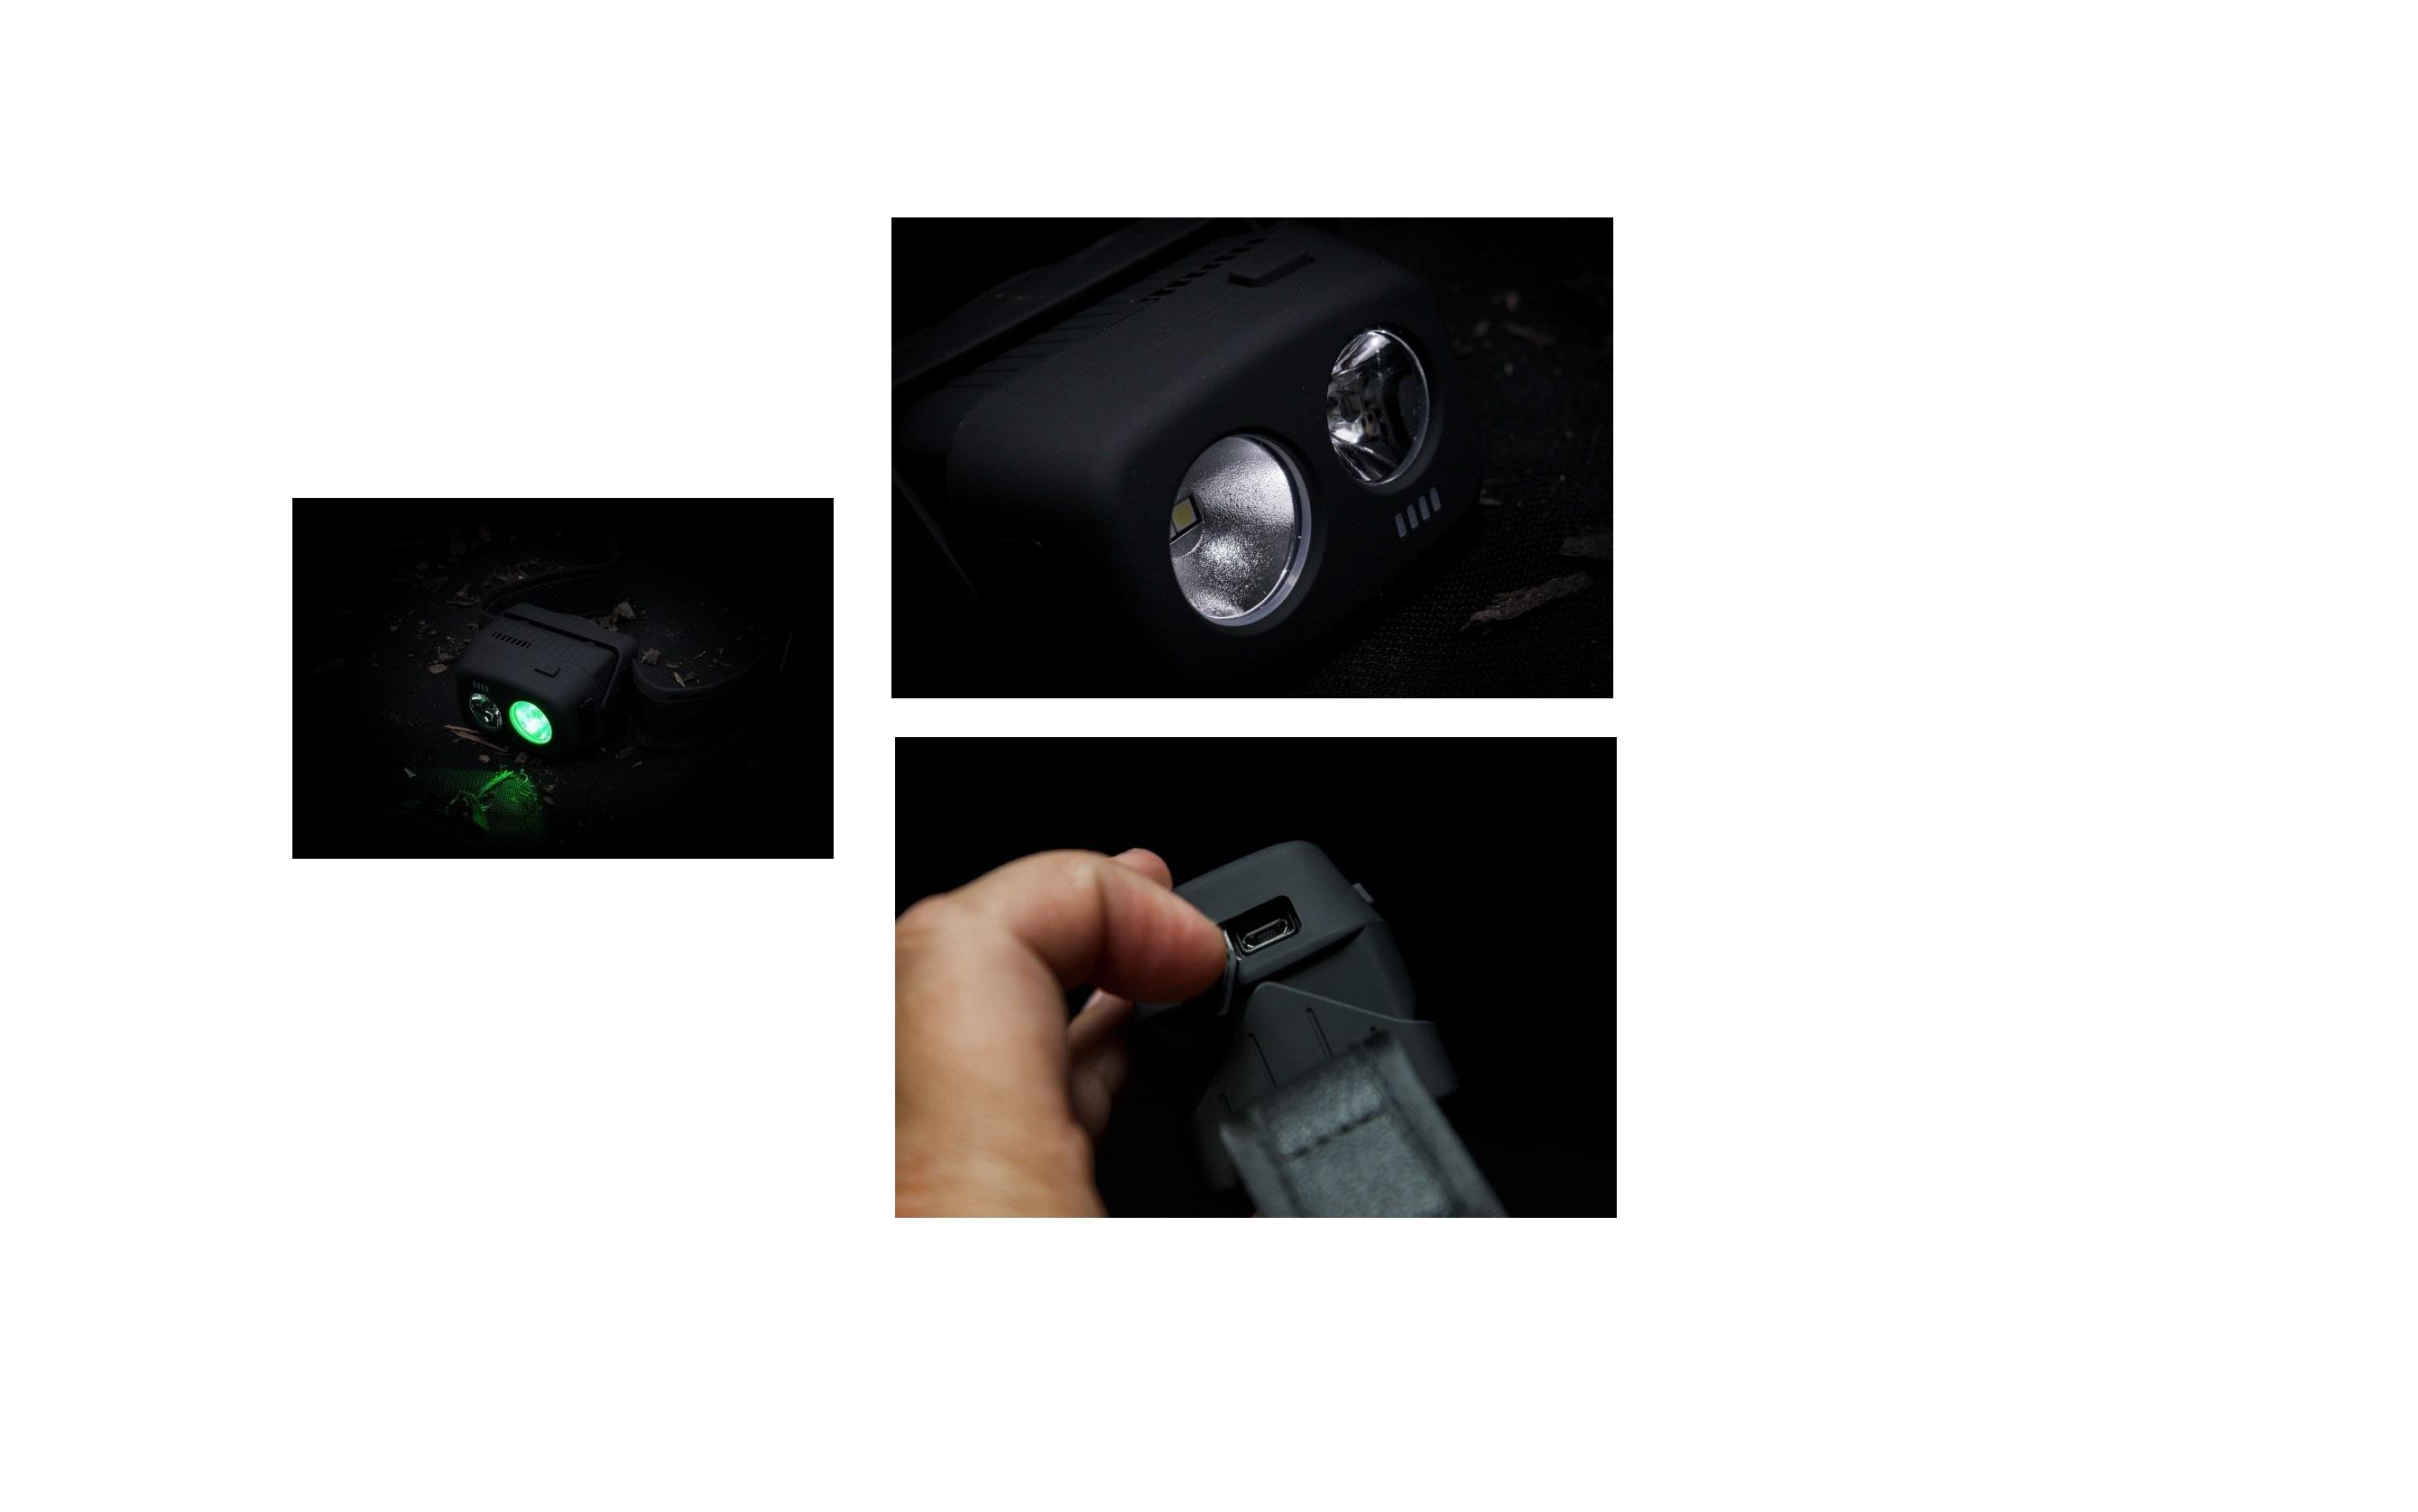 Lampada da testa usb VRH300 RidgeMonkey cod RM060